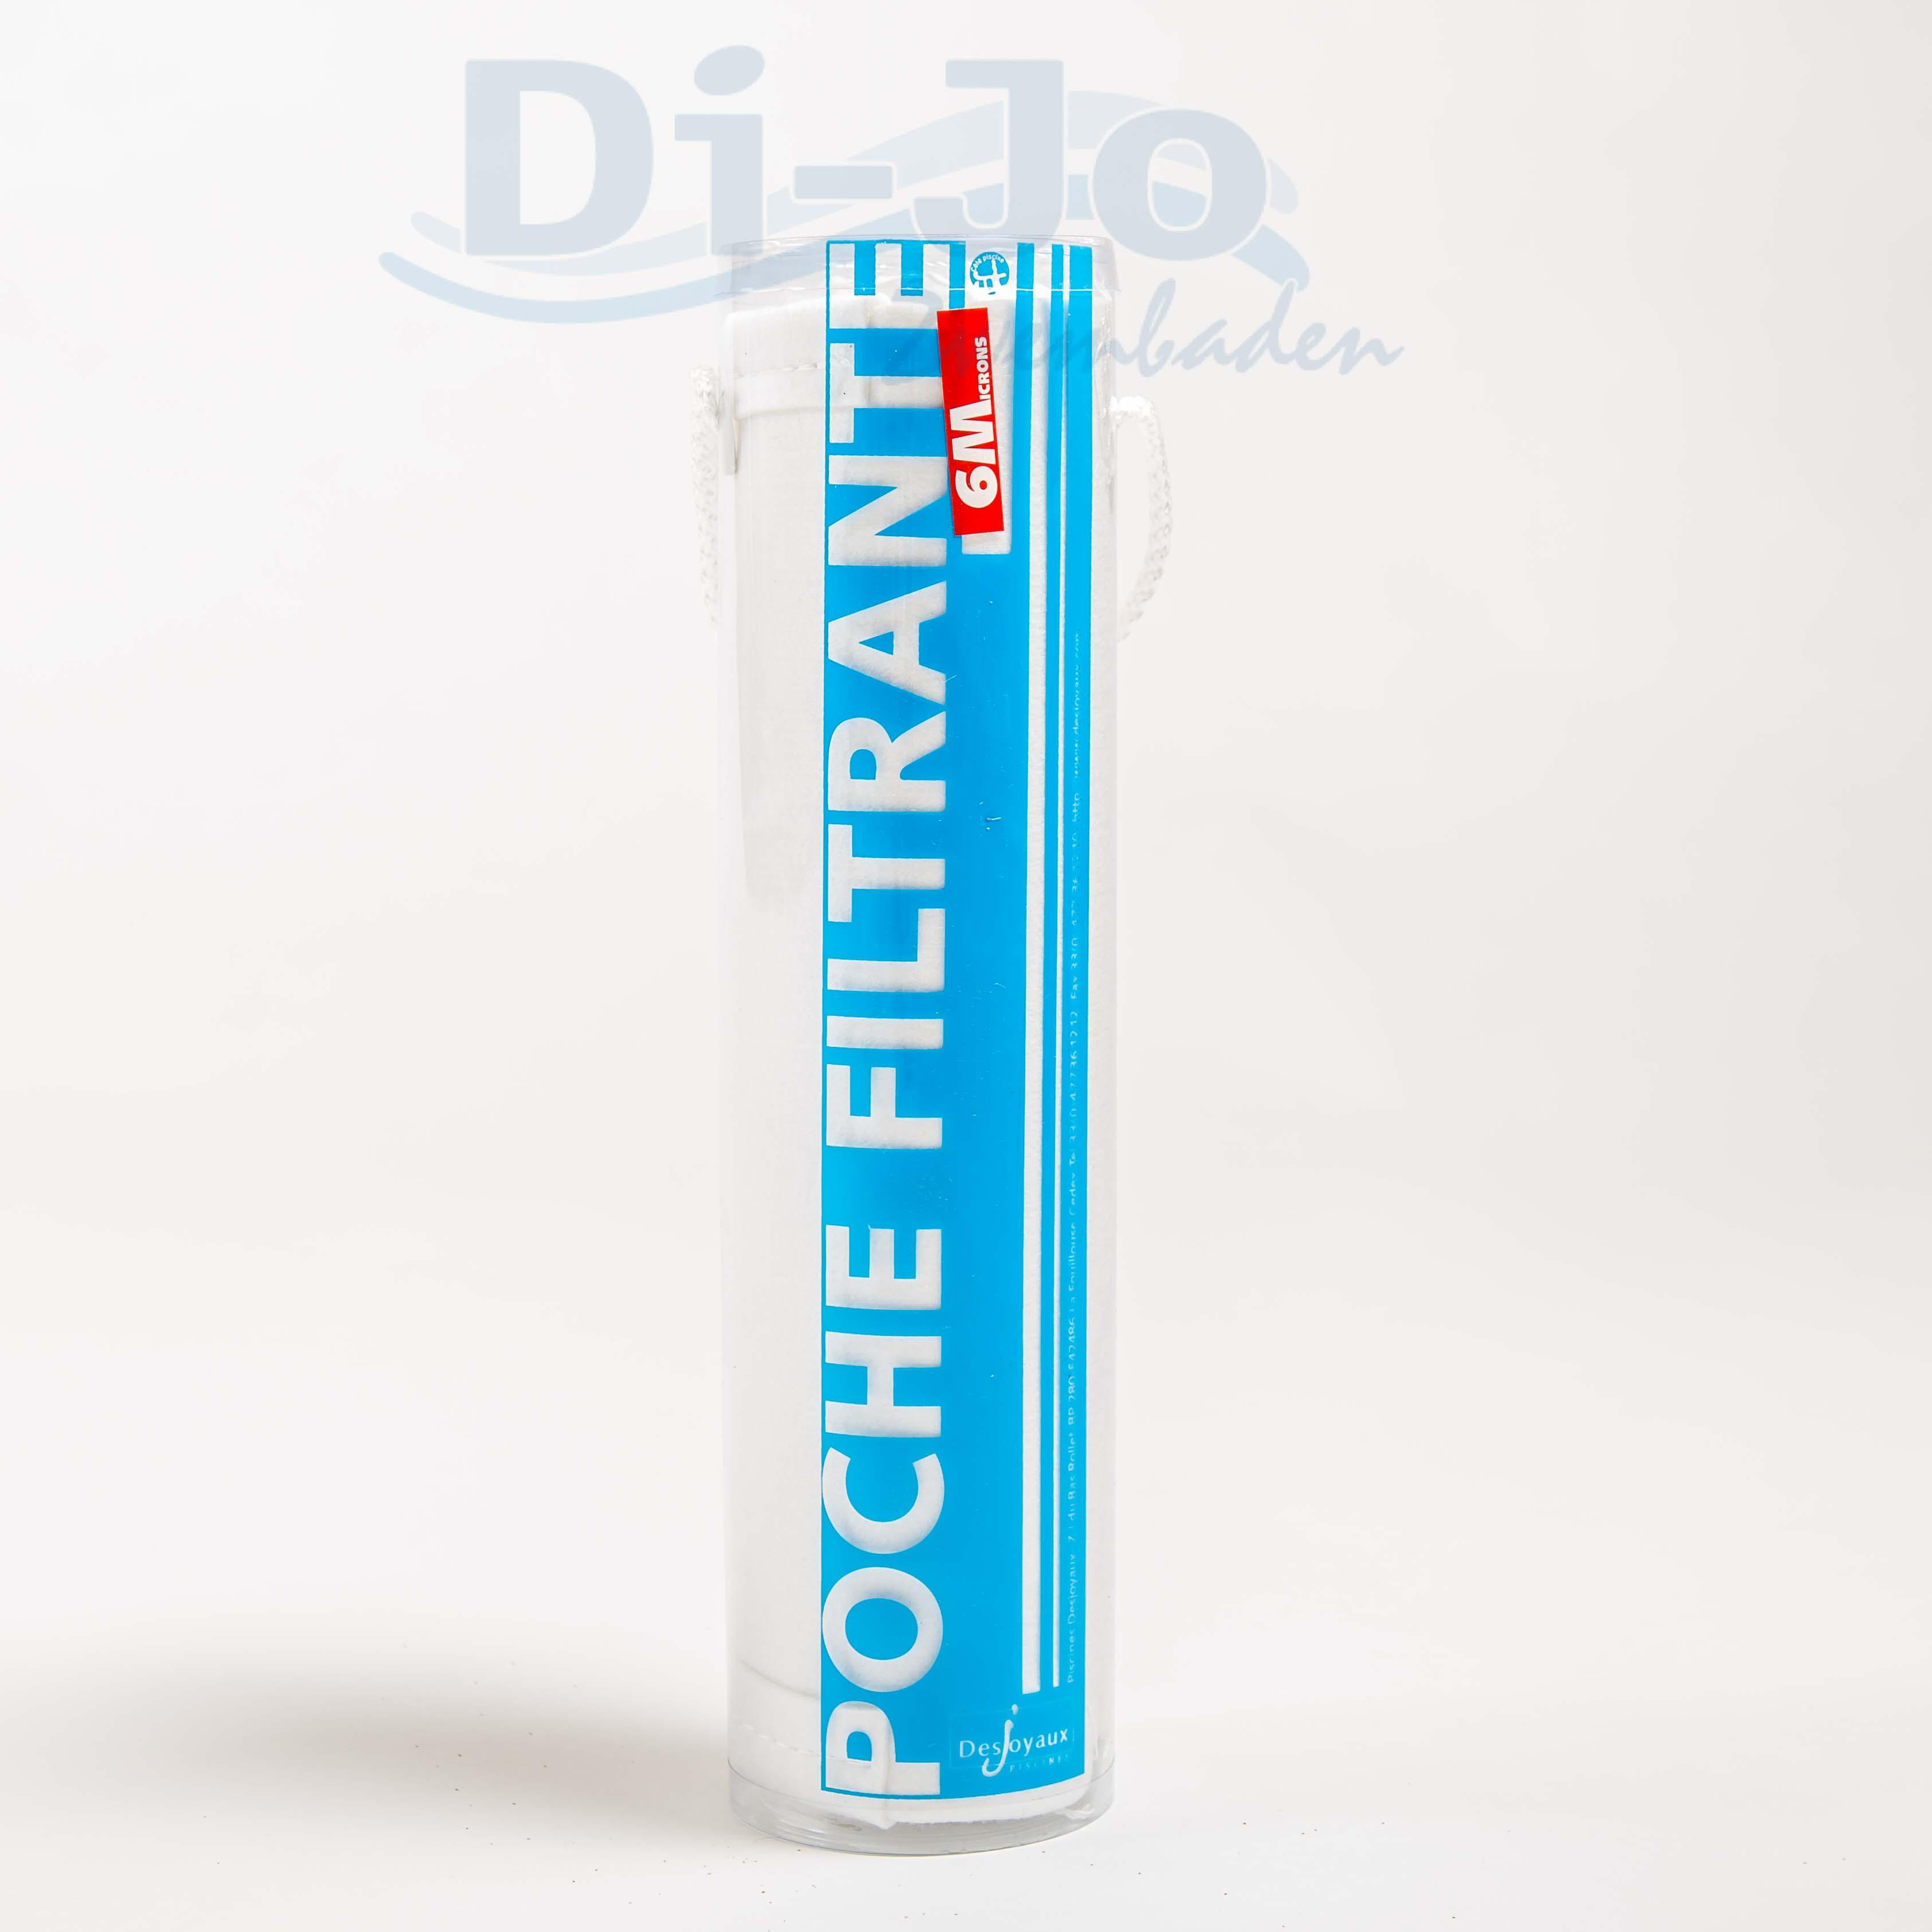 desjoyaux filterzakken 6 micron